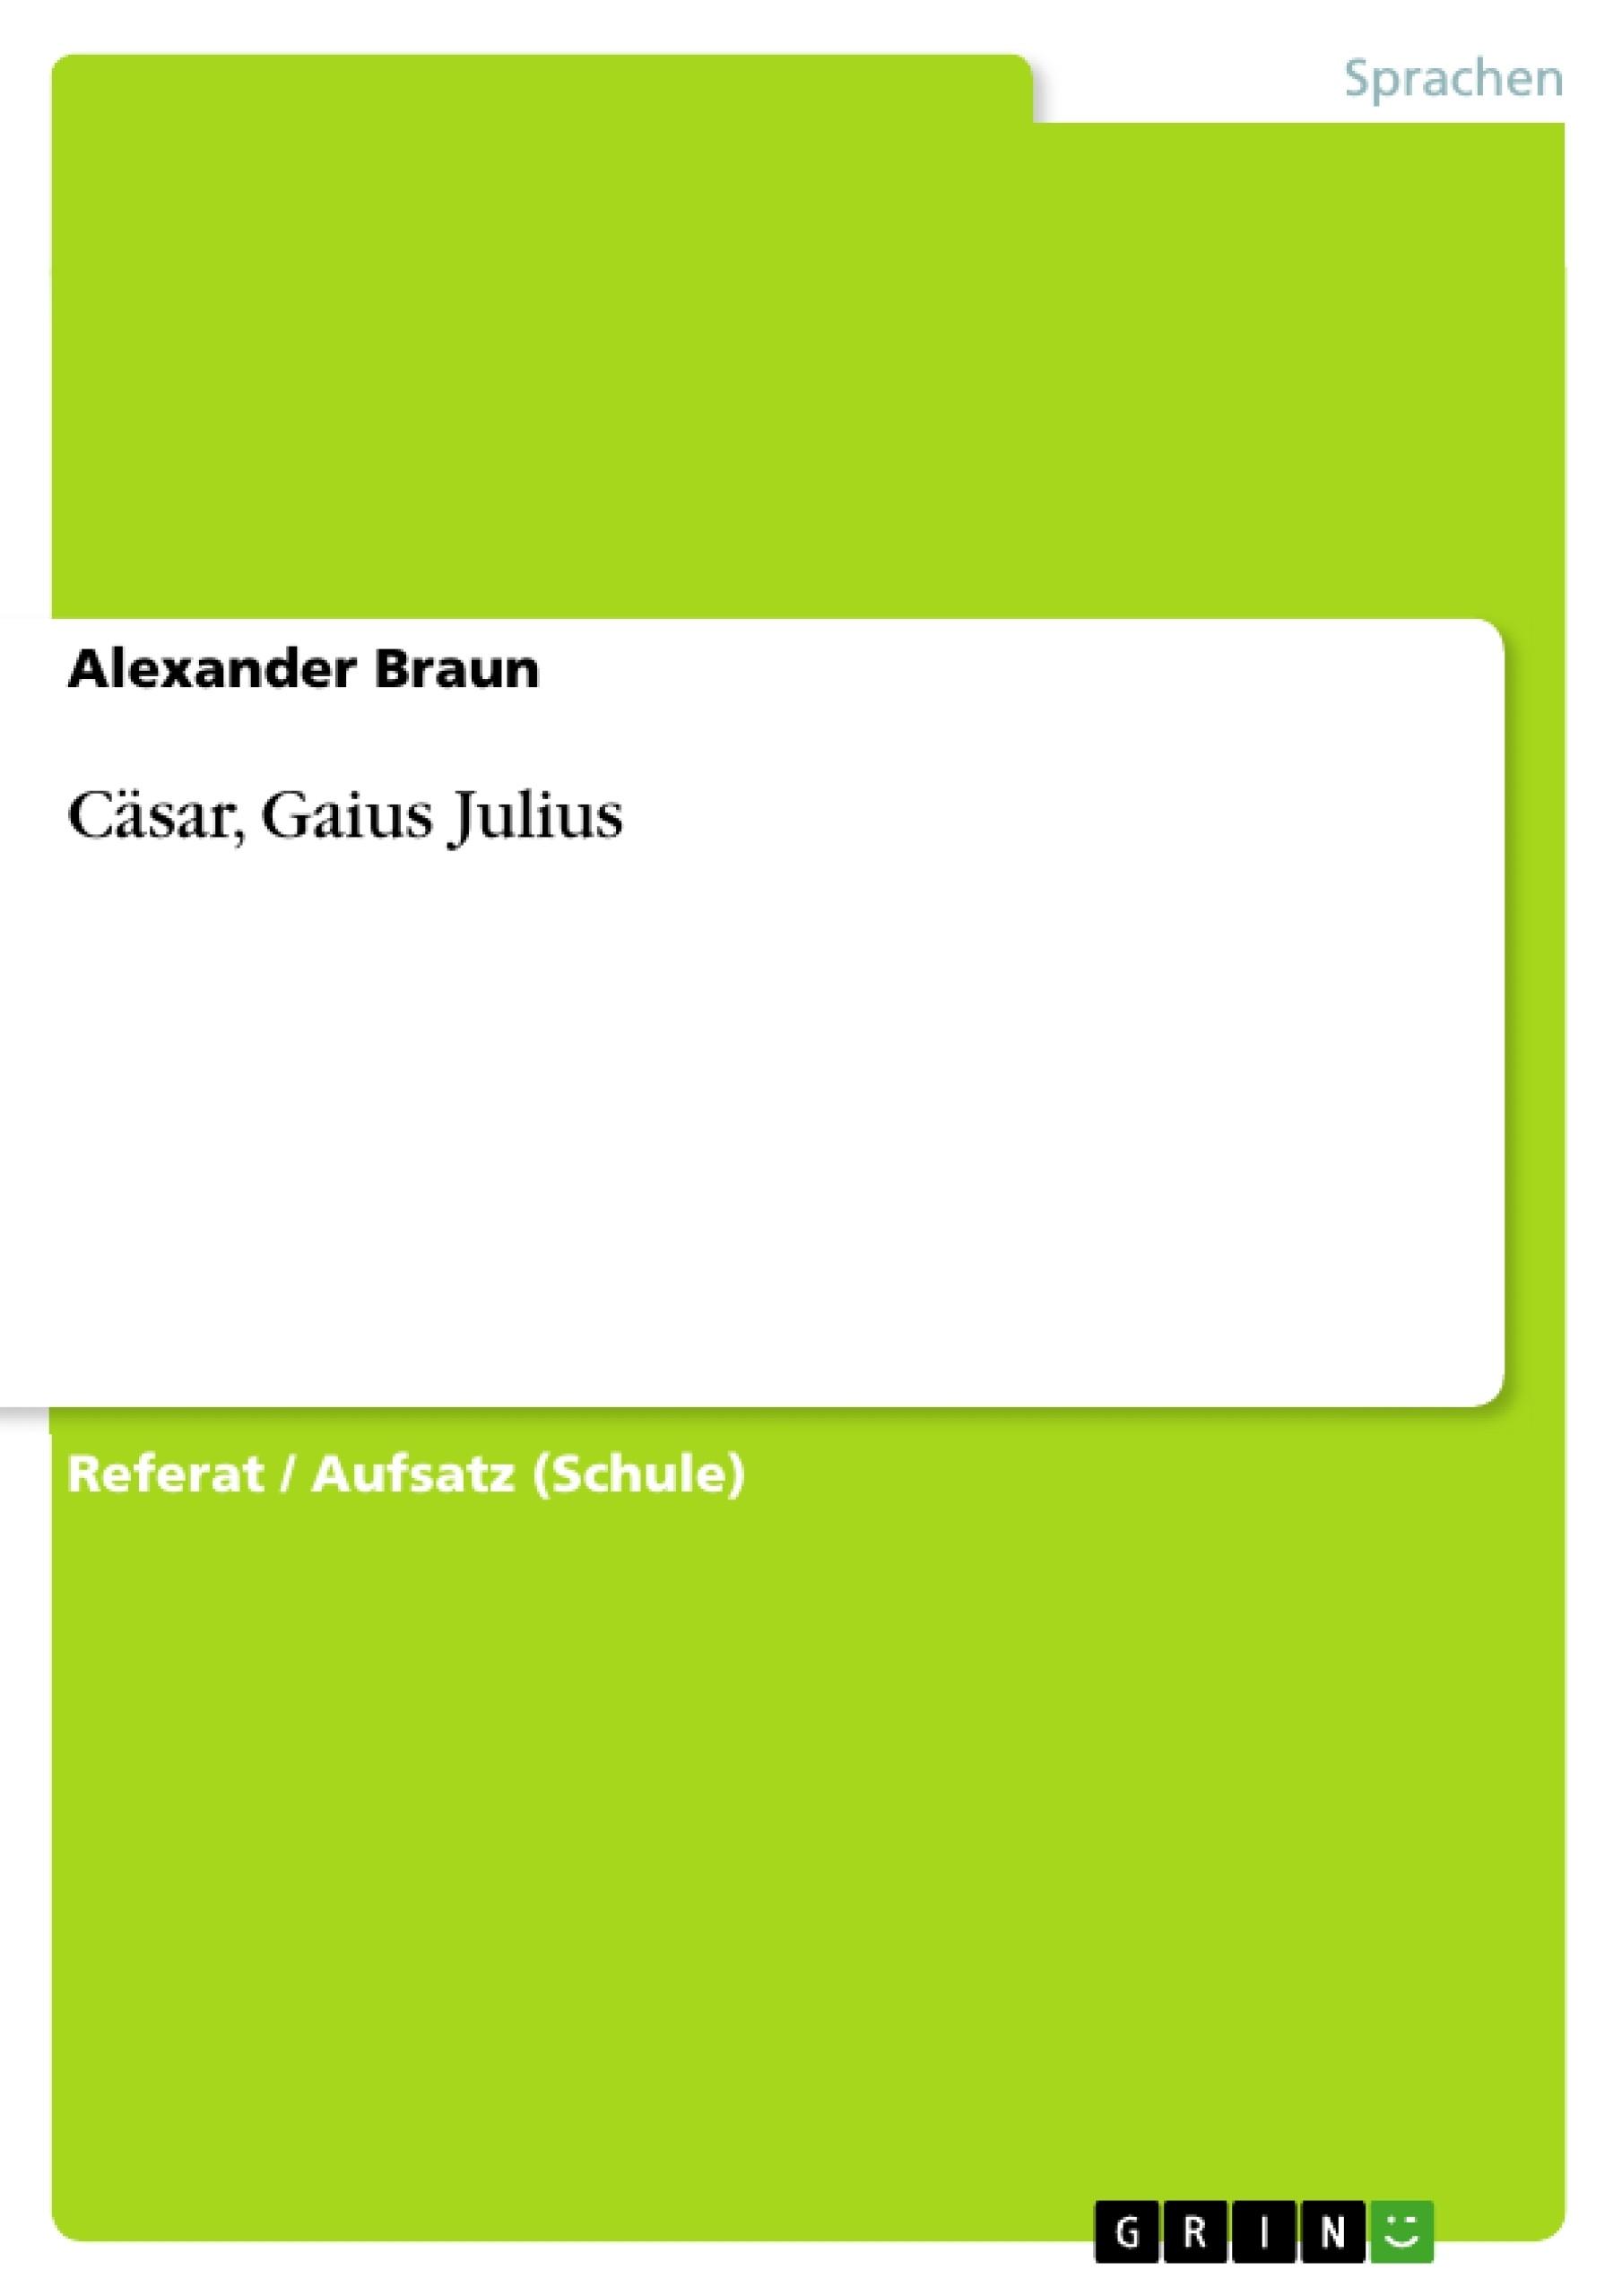 laden sie ihre eigenen arbeiten hoch geld verdienen und iphone x gewinnen - Julius Casar Lebenslauf